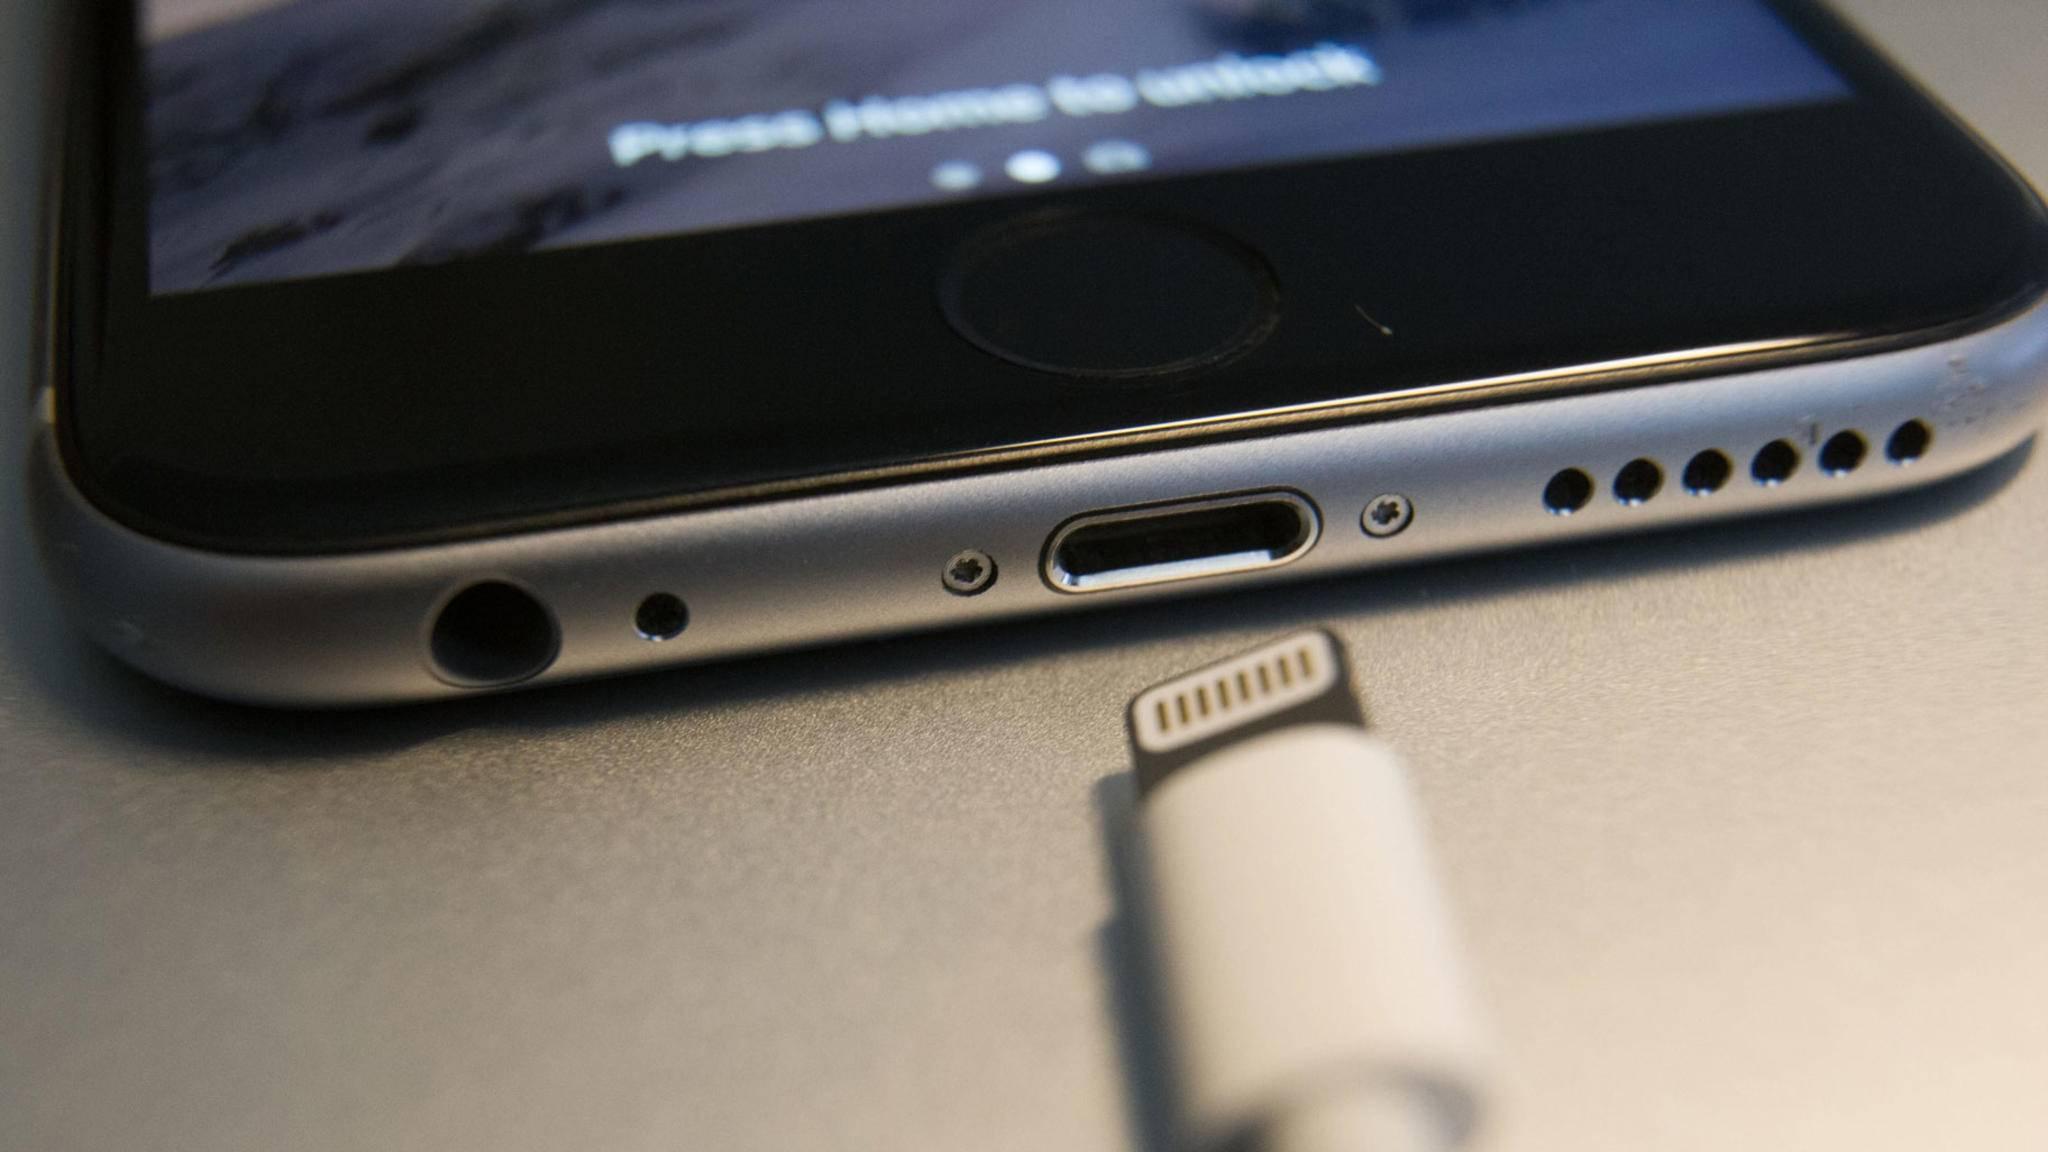 Schluss mit dem Geräusch beim Anstöpseln des Ladekabels am iPhone – und zwar mit diesem Workaround.